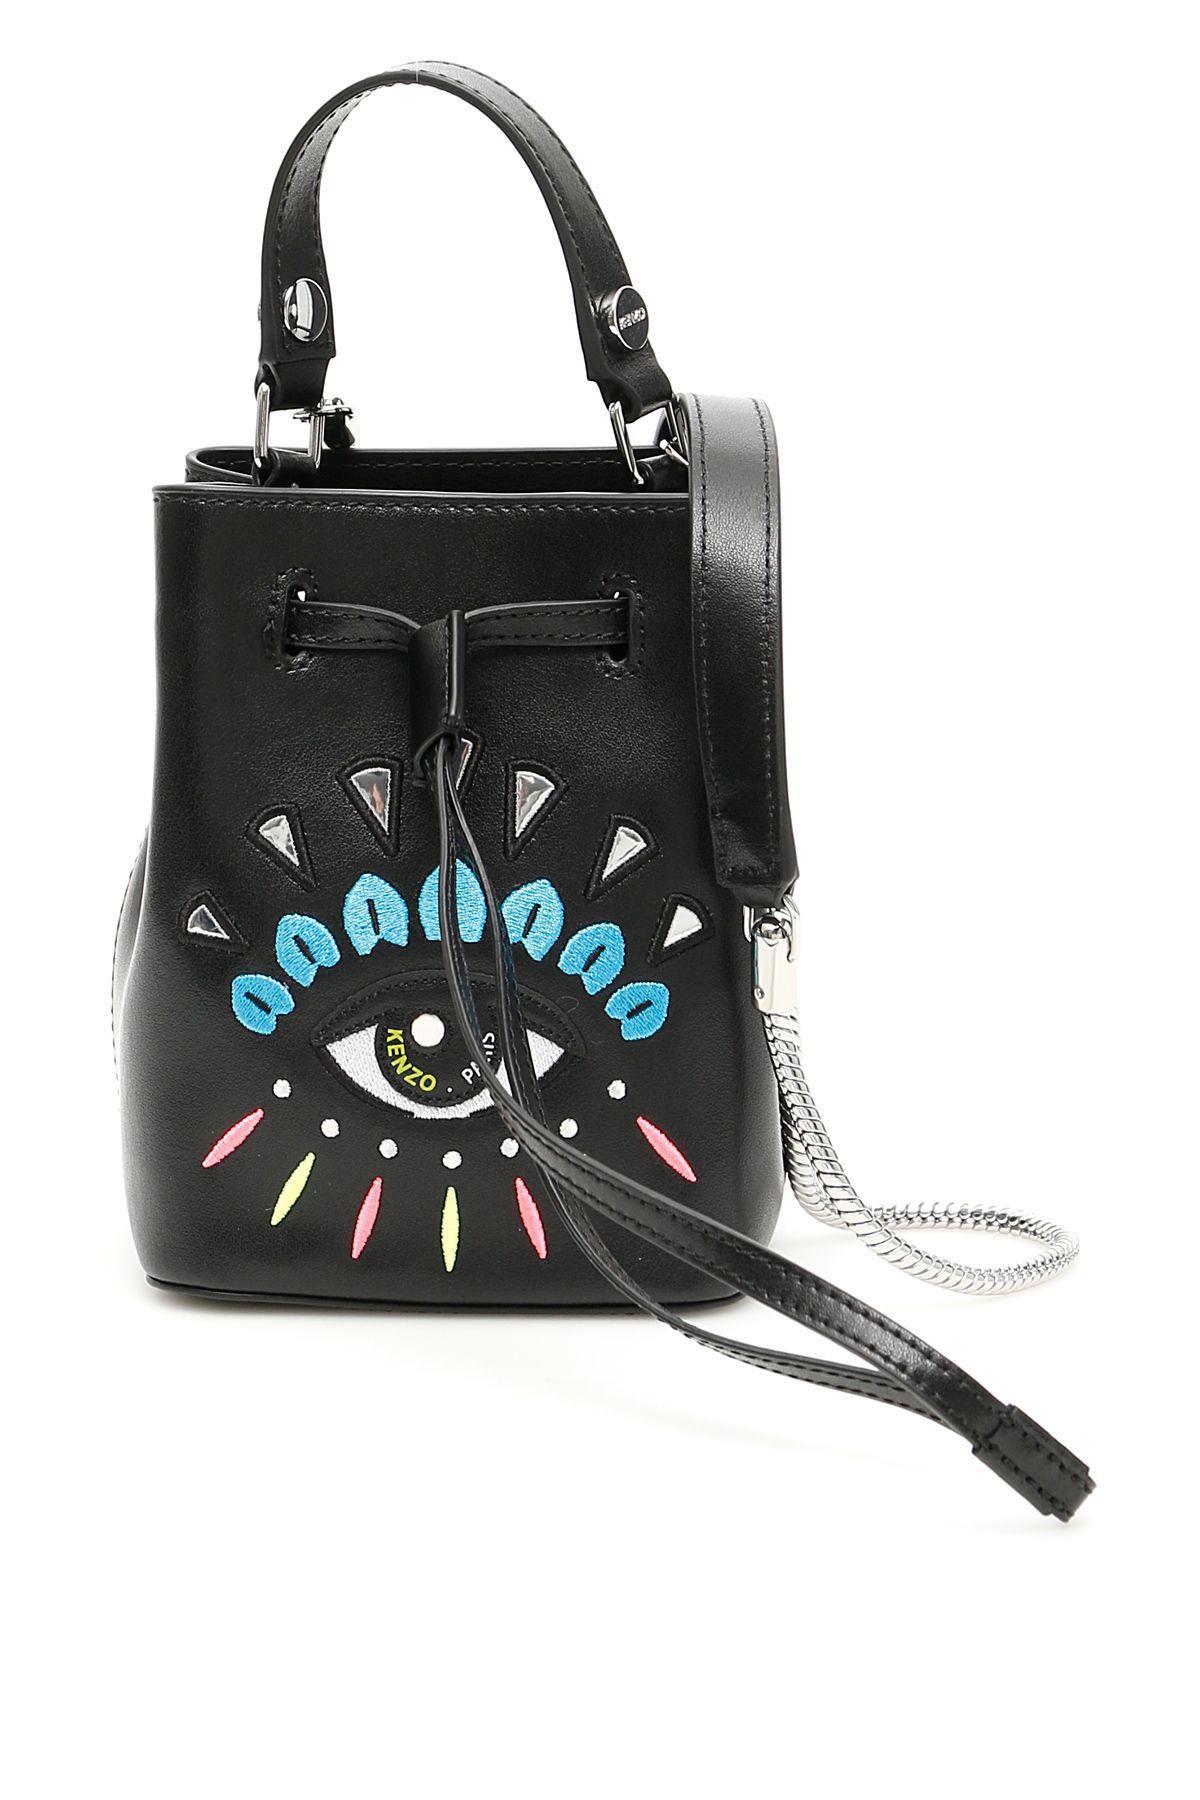 KENZO Kenzo Mini Bucket Bag With Eye Embroidery